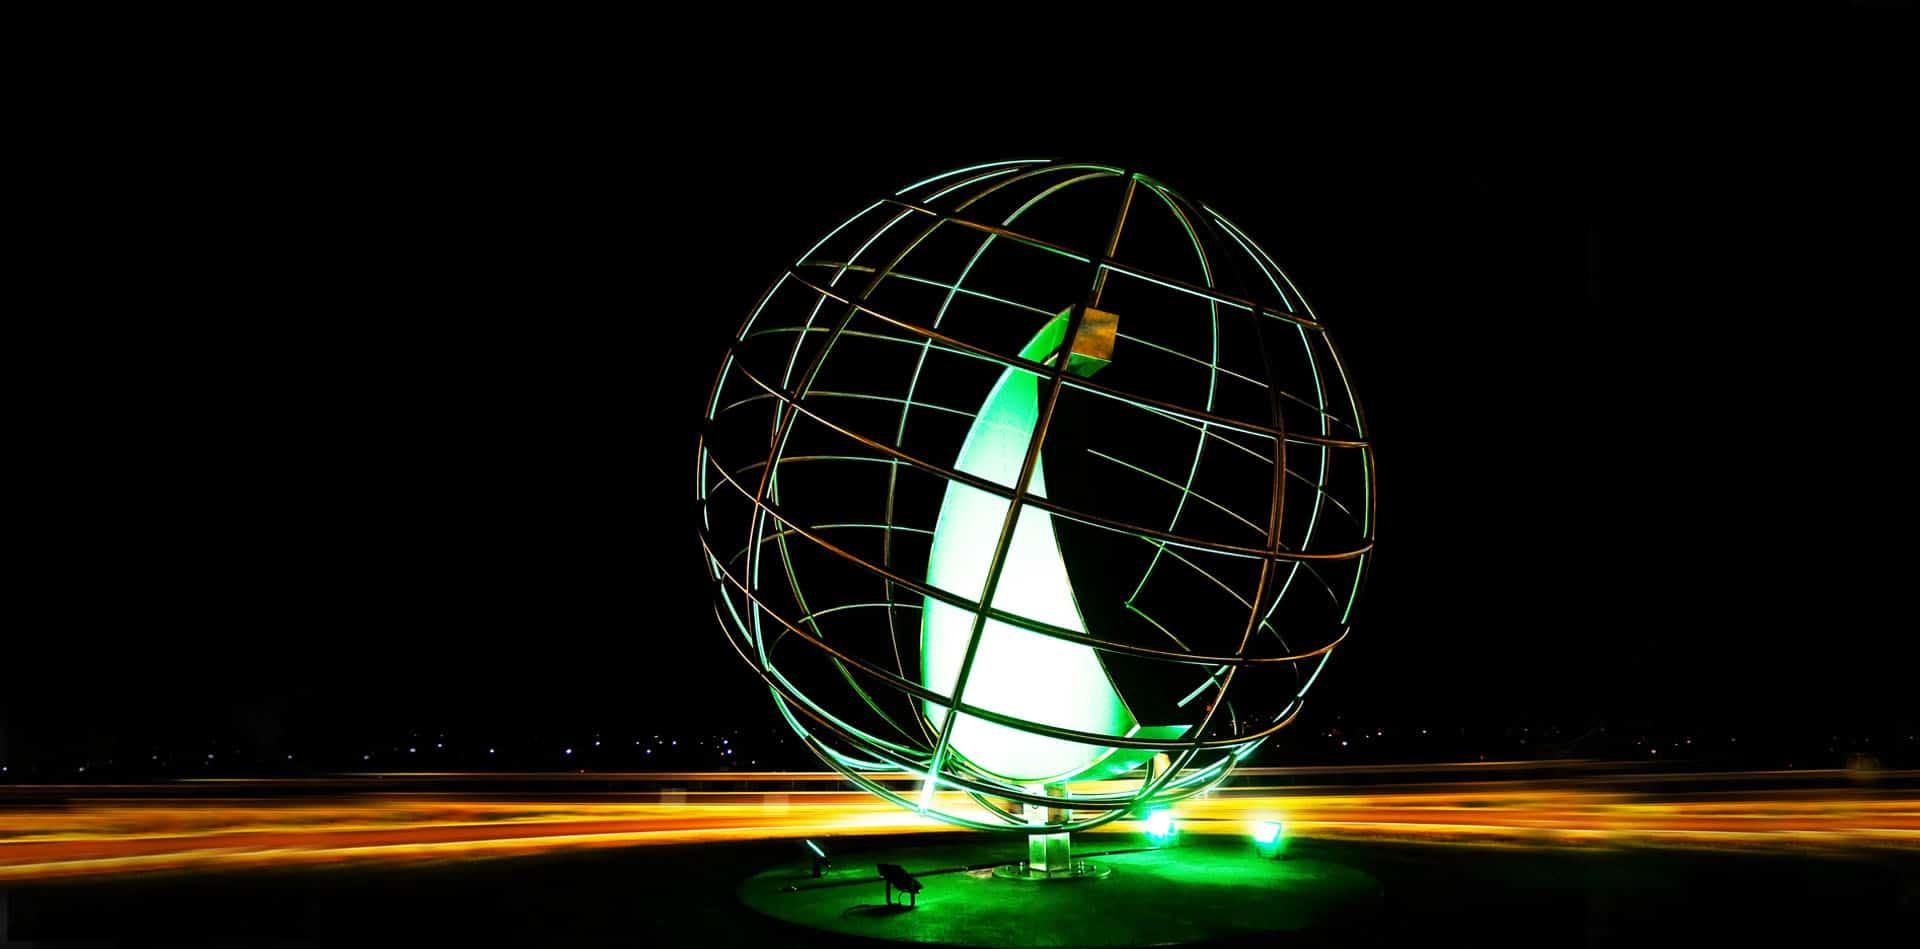 Kreisverkehrskulptur Hammerer Aluminium Ranshofen bei Nacht | Kugelform aus Alu-Stangen-Gitter mit grün beleuchteter Haiflosse | Svoboda